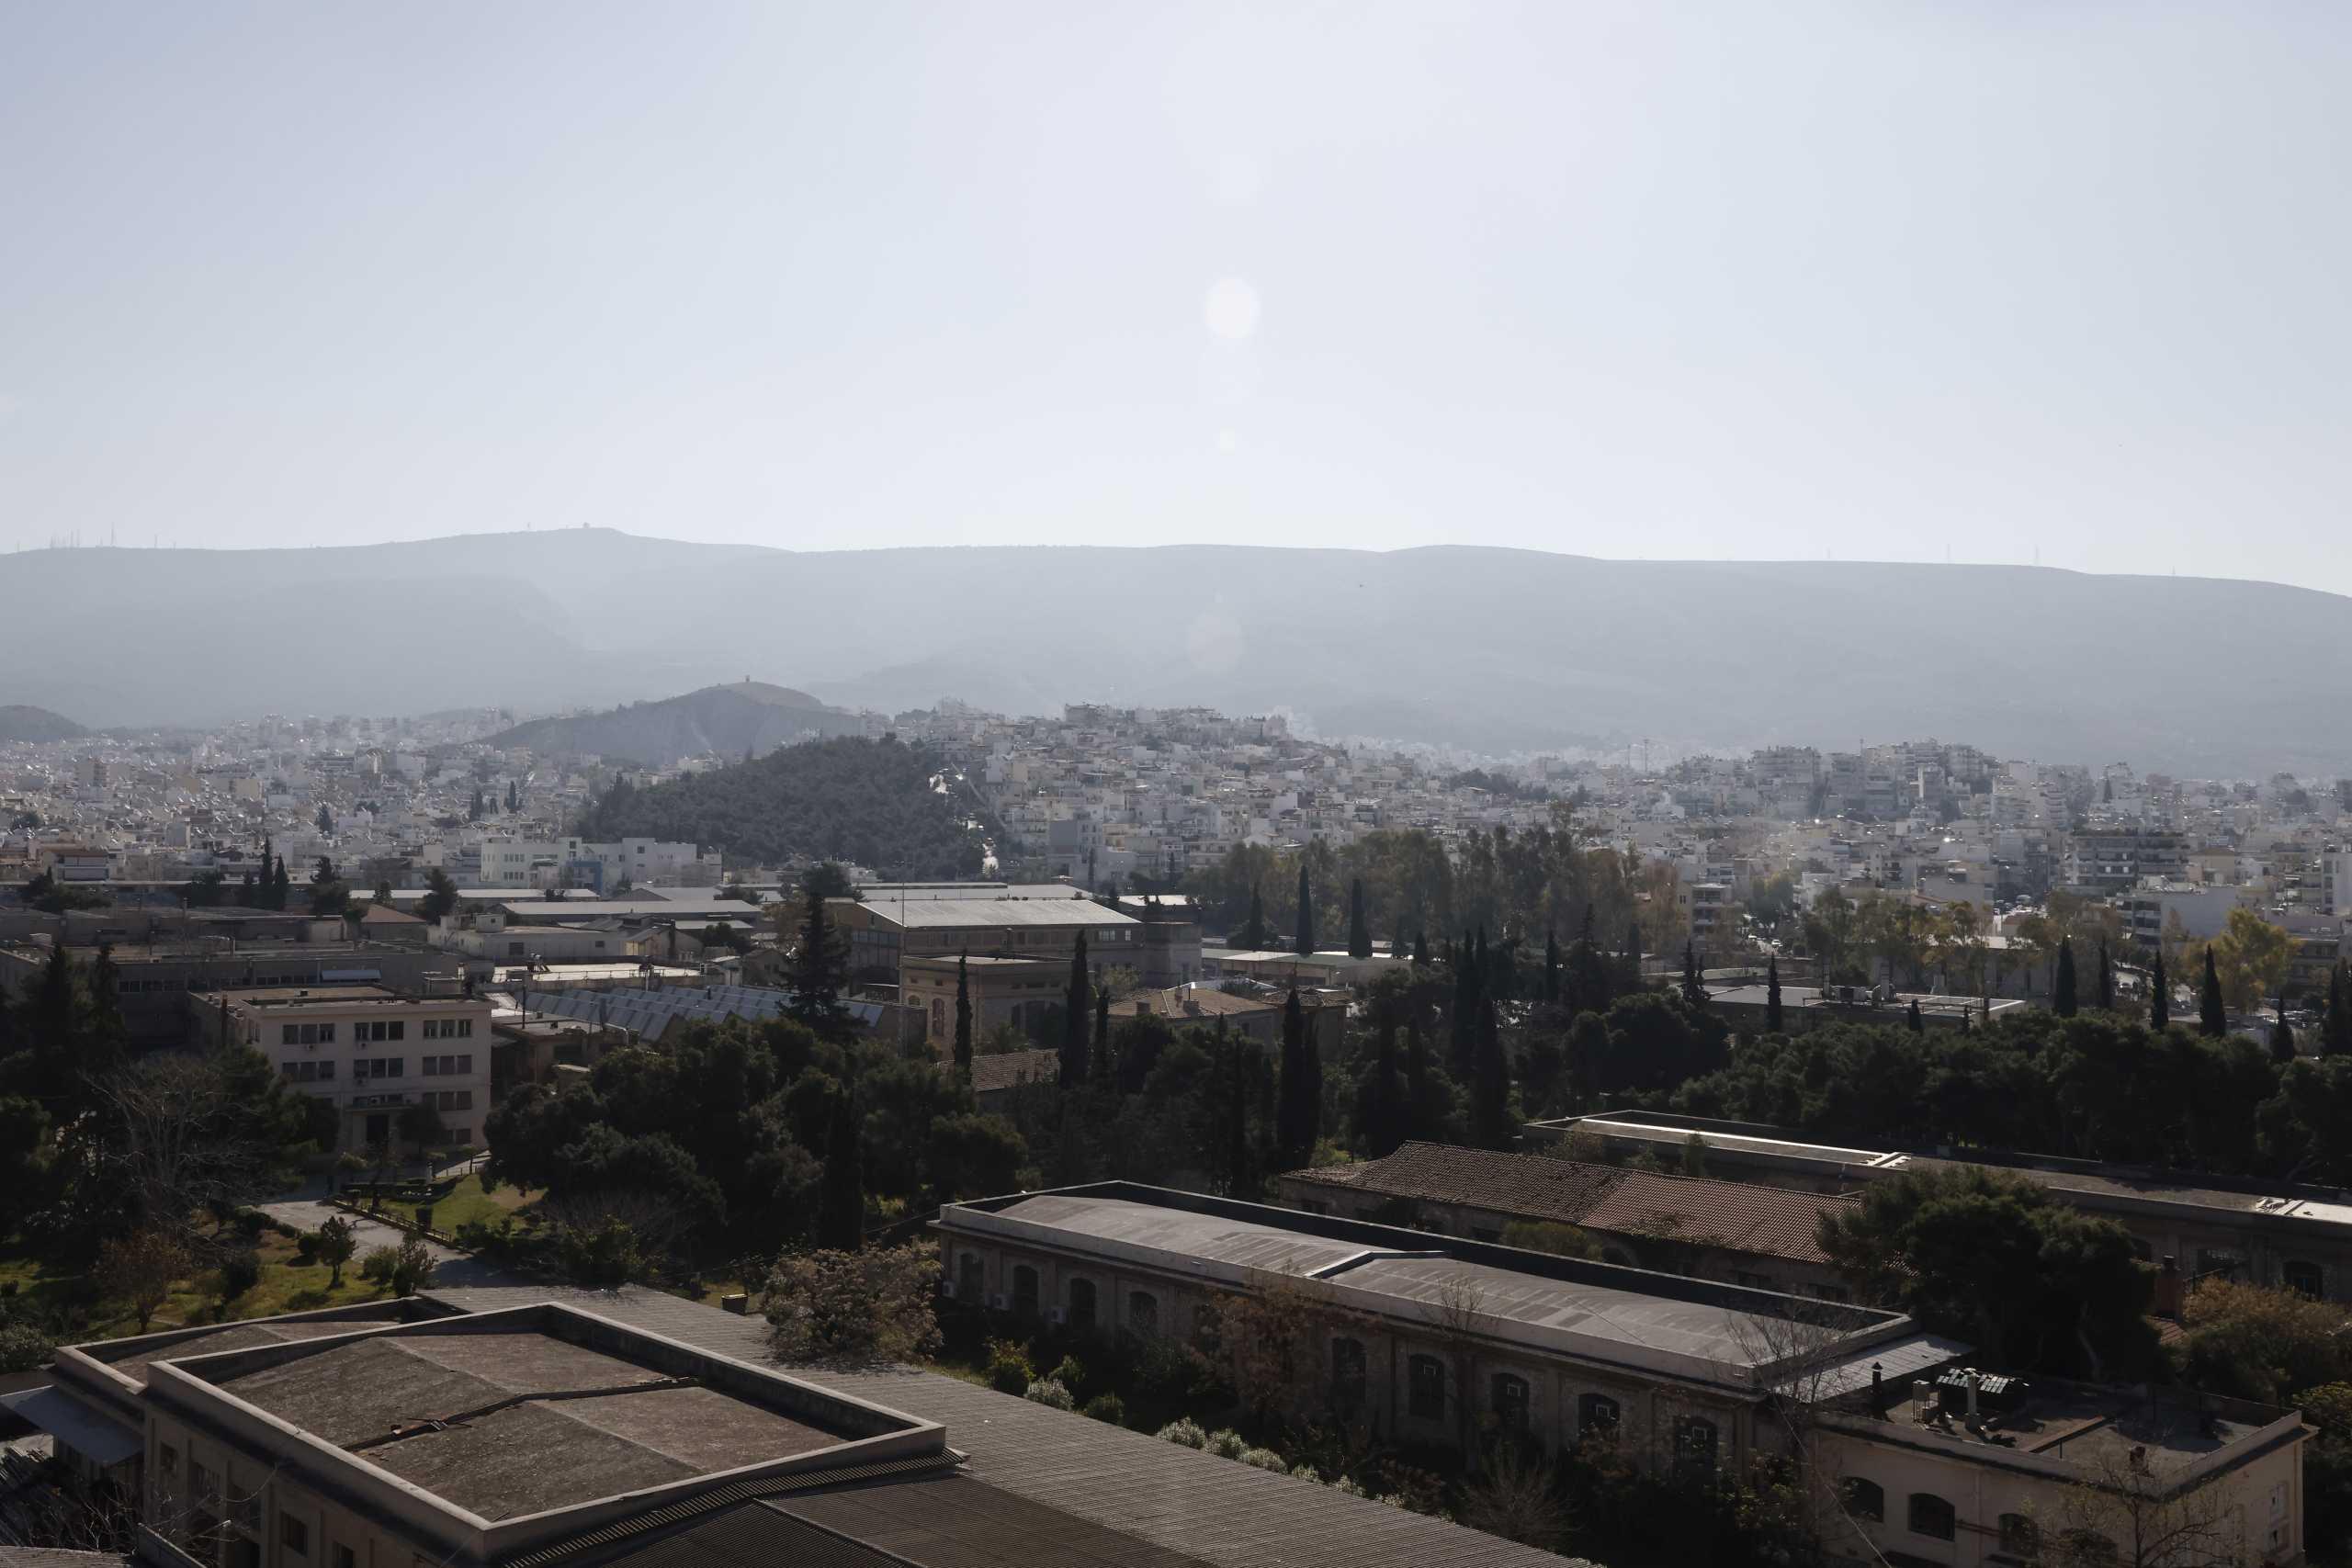 Εννέα υπουργεία μεταφέρονται στην ΠΥΡΚΑΛ – Πως θα γίνει πνεύμονας πρασίνου